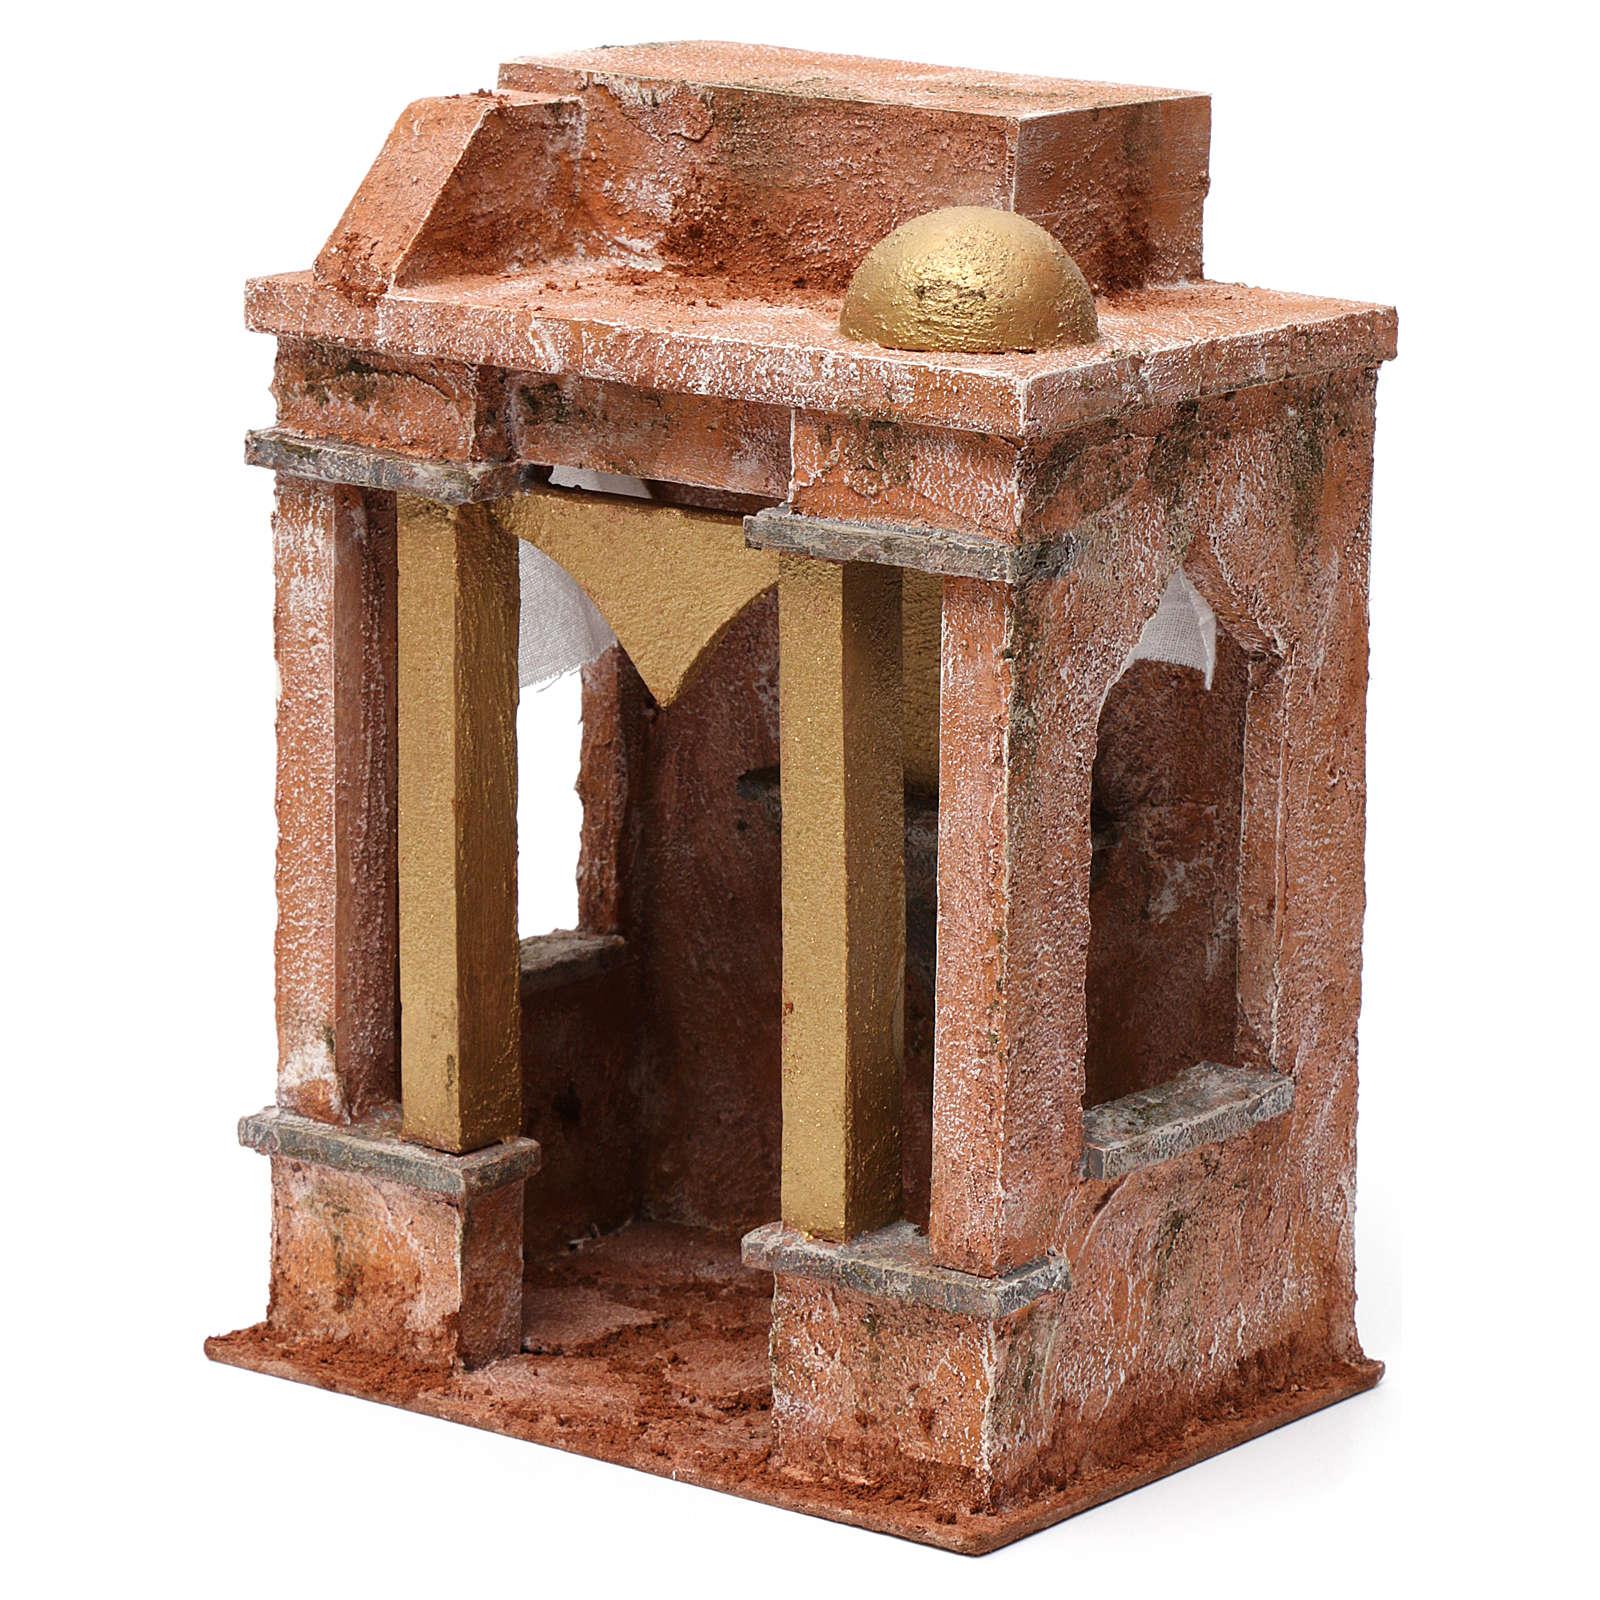 Ambientación árabe con pequeña cúpula cortinas a los lados y columnas para belén 10 cm de altura media 25x15x20 4